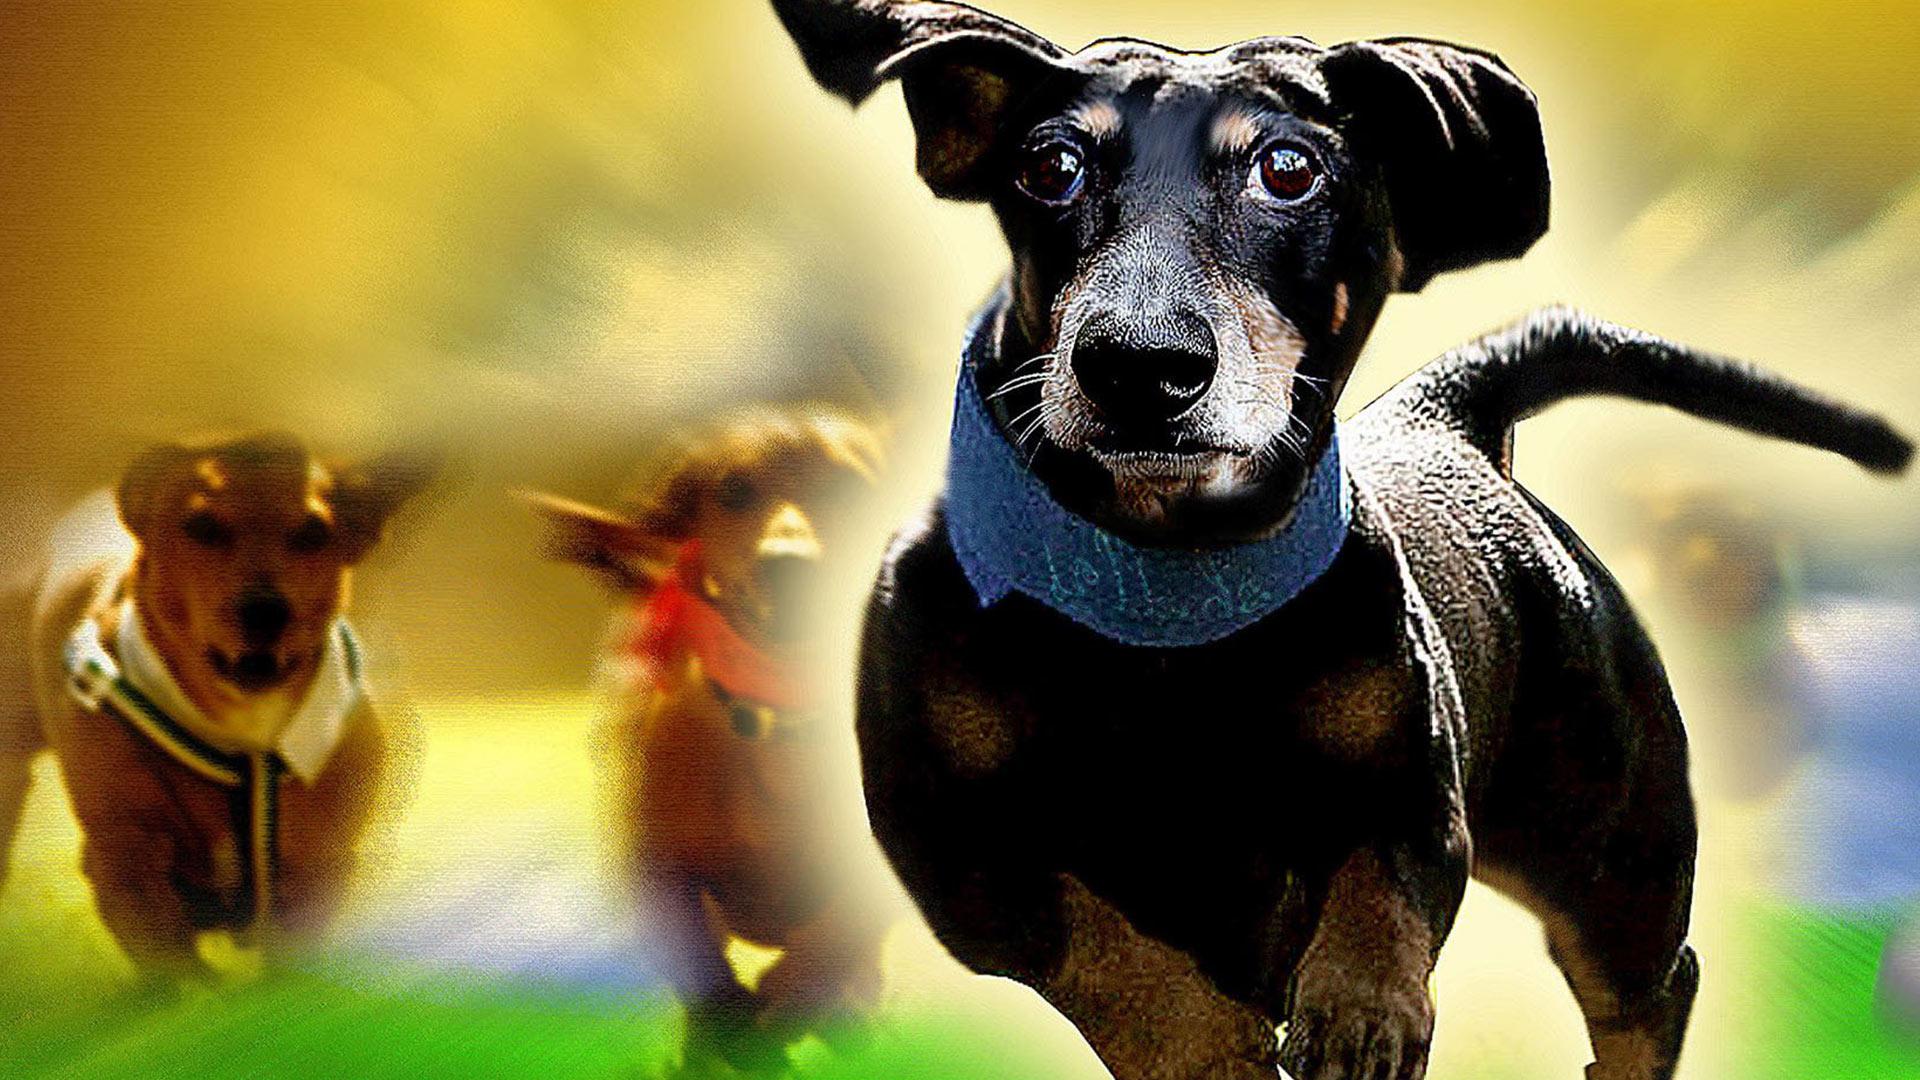 wiener dog nationals full movie online free